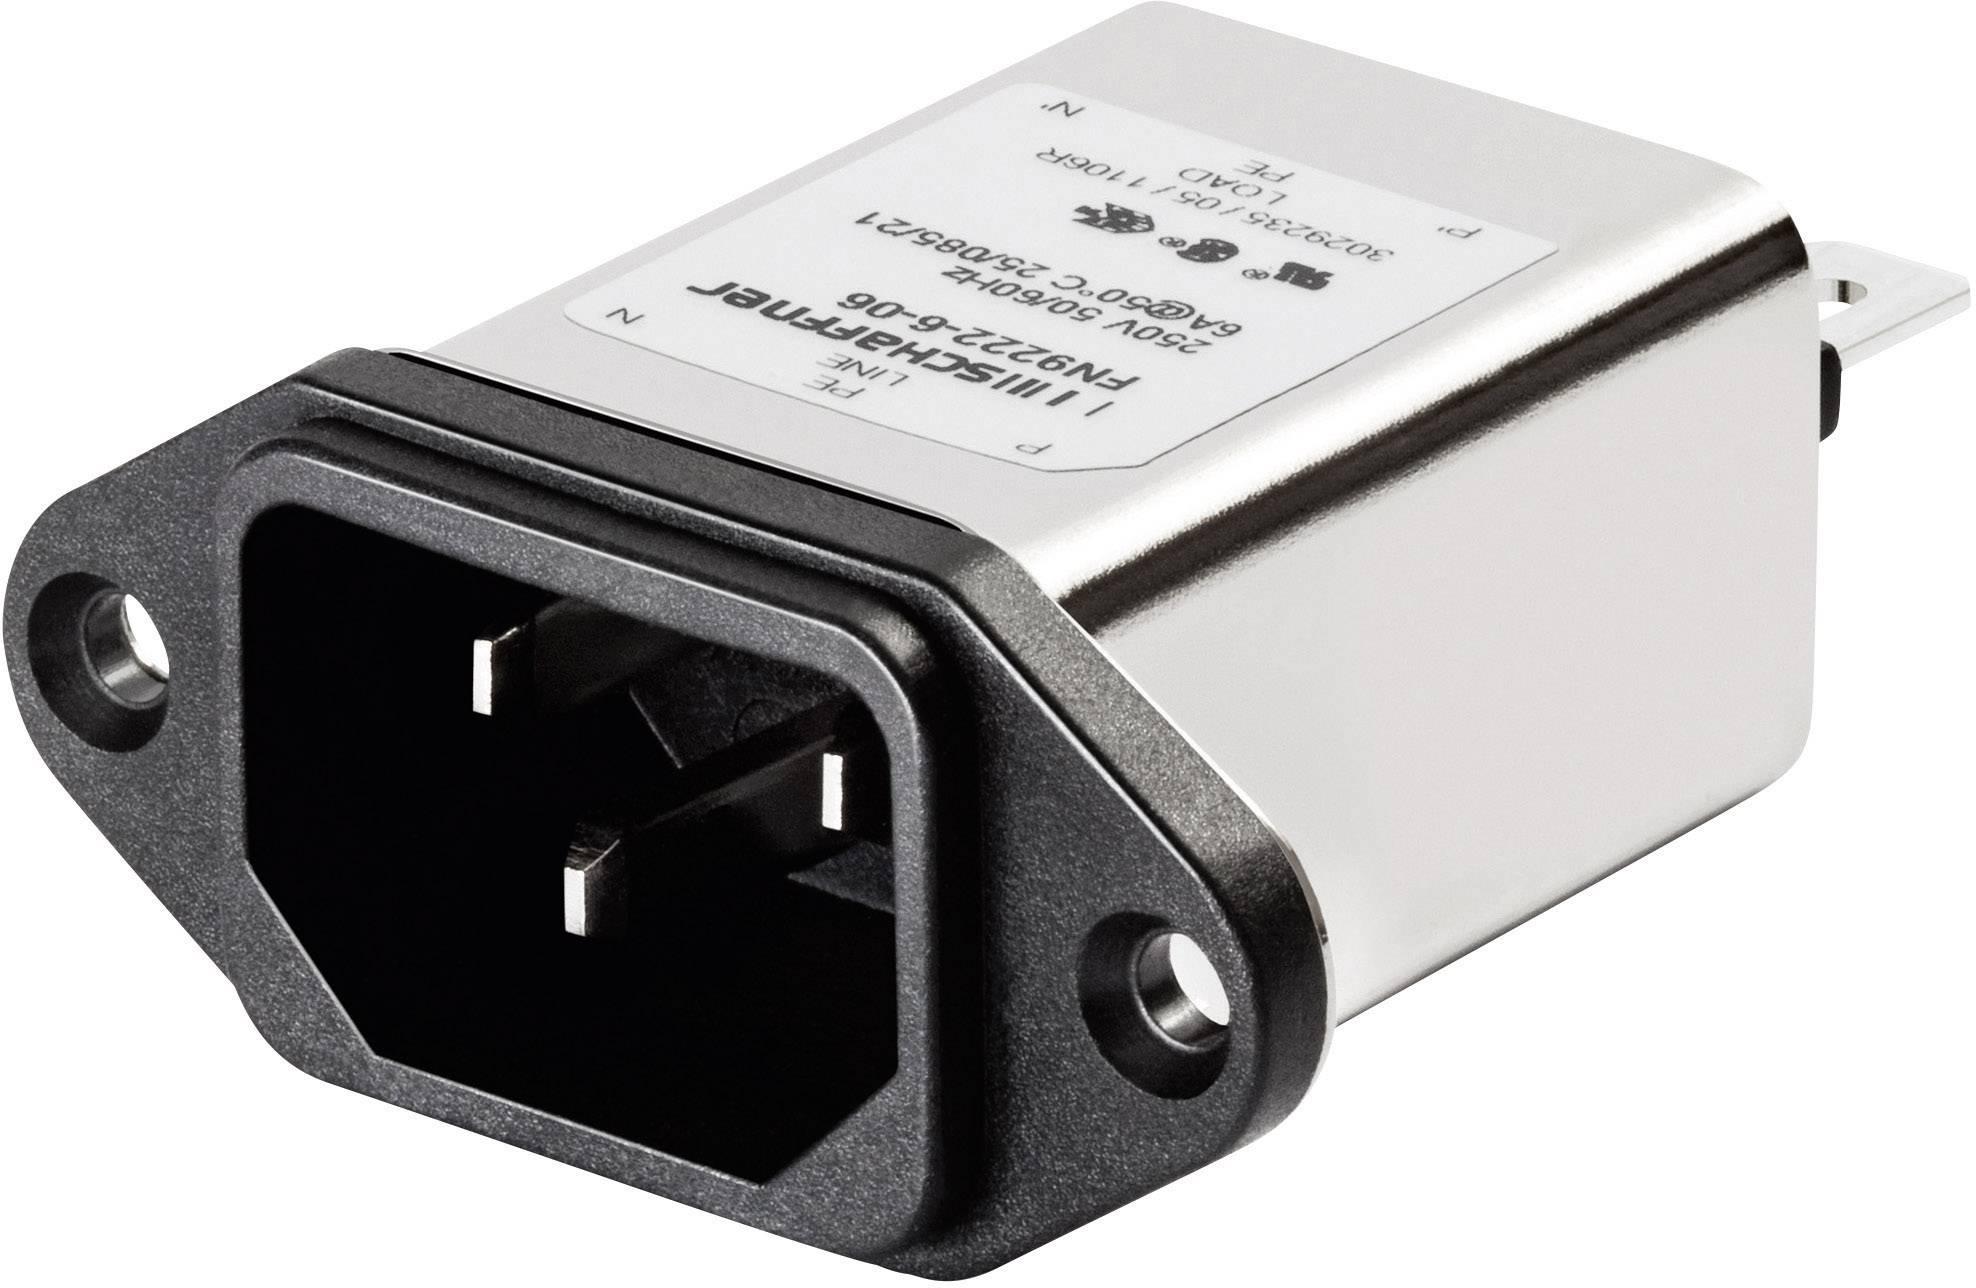 Sieťový filter Schaffner FN 9222-3-06 FN 9222-3-06, s IEC zásuvkou, 250 V/AC, 3 A, 2.5 mH, (š x v) 48 mm x 22.5 mm, 1 ks